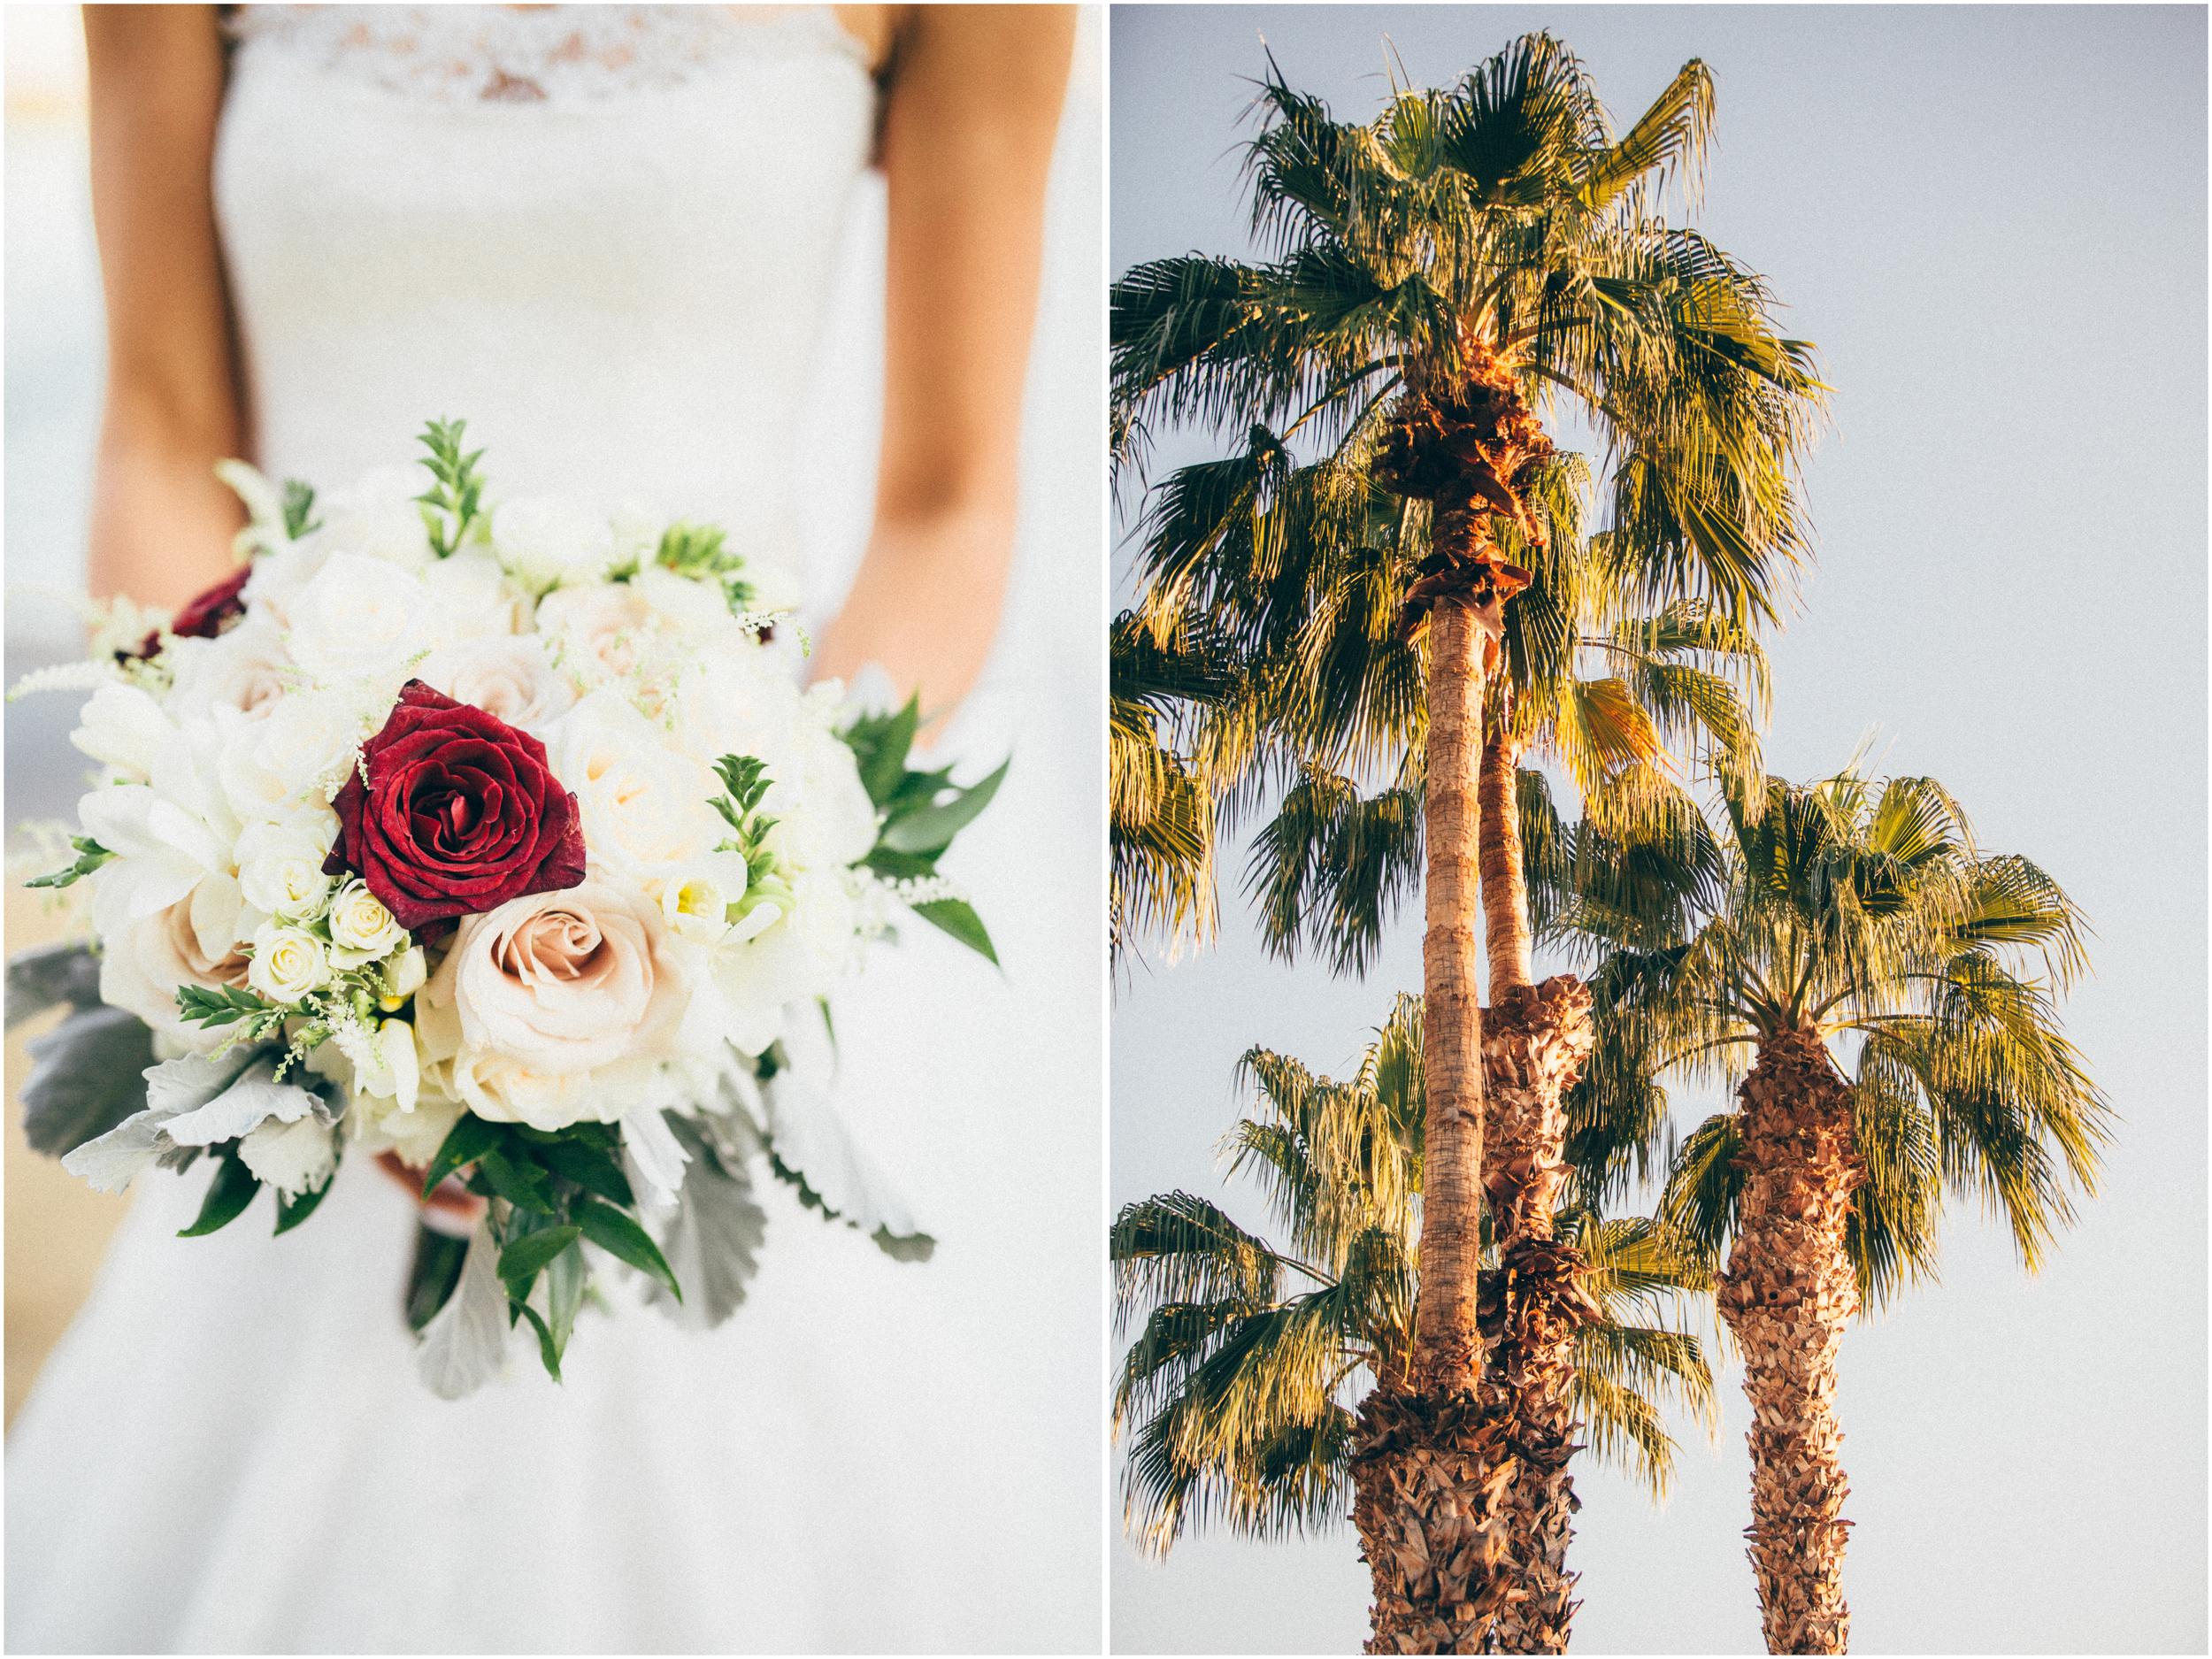 dip_details_wedding2.jpg